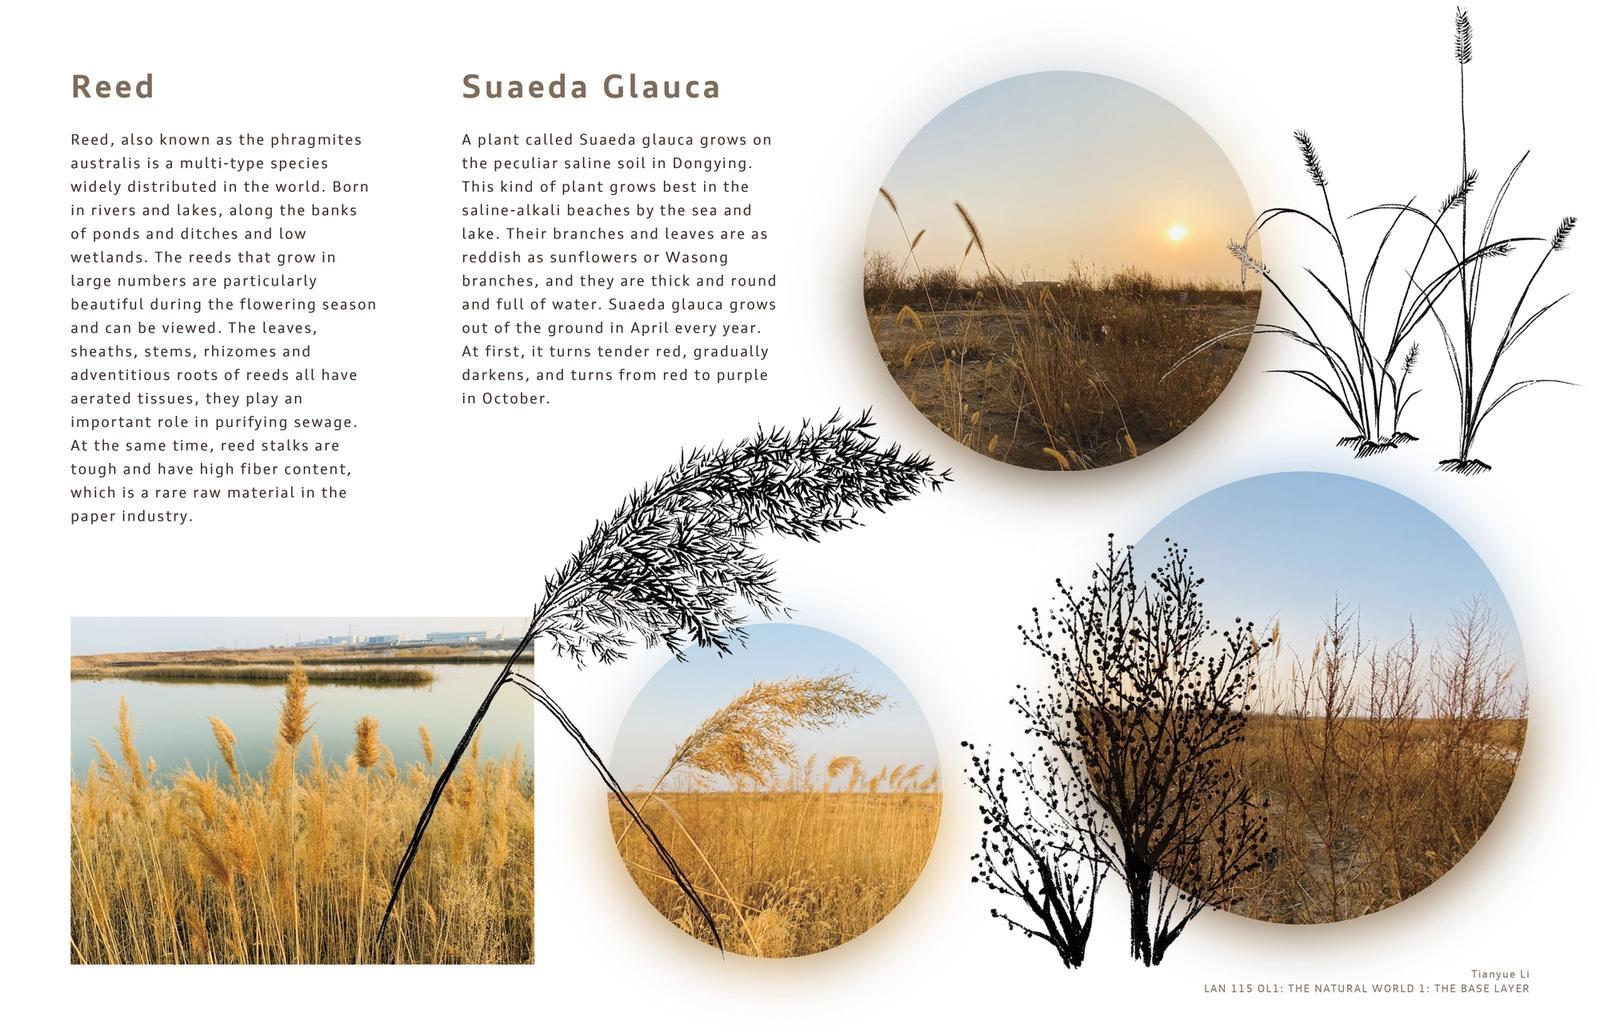 Reed/Suaeda Glauca